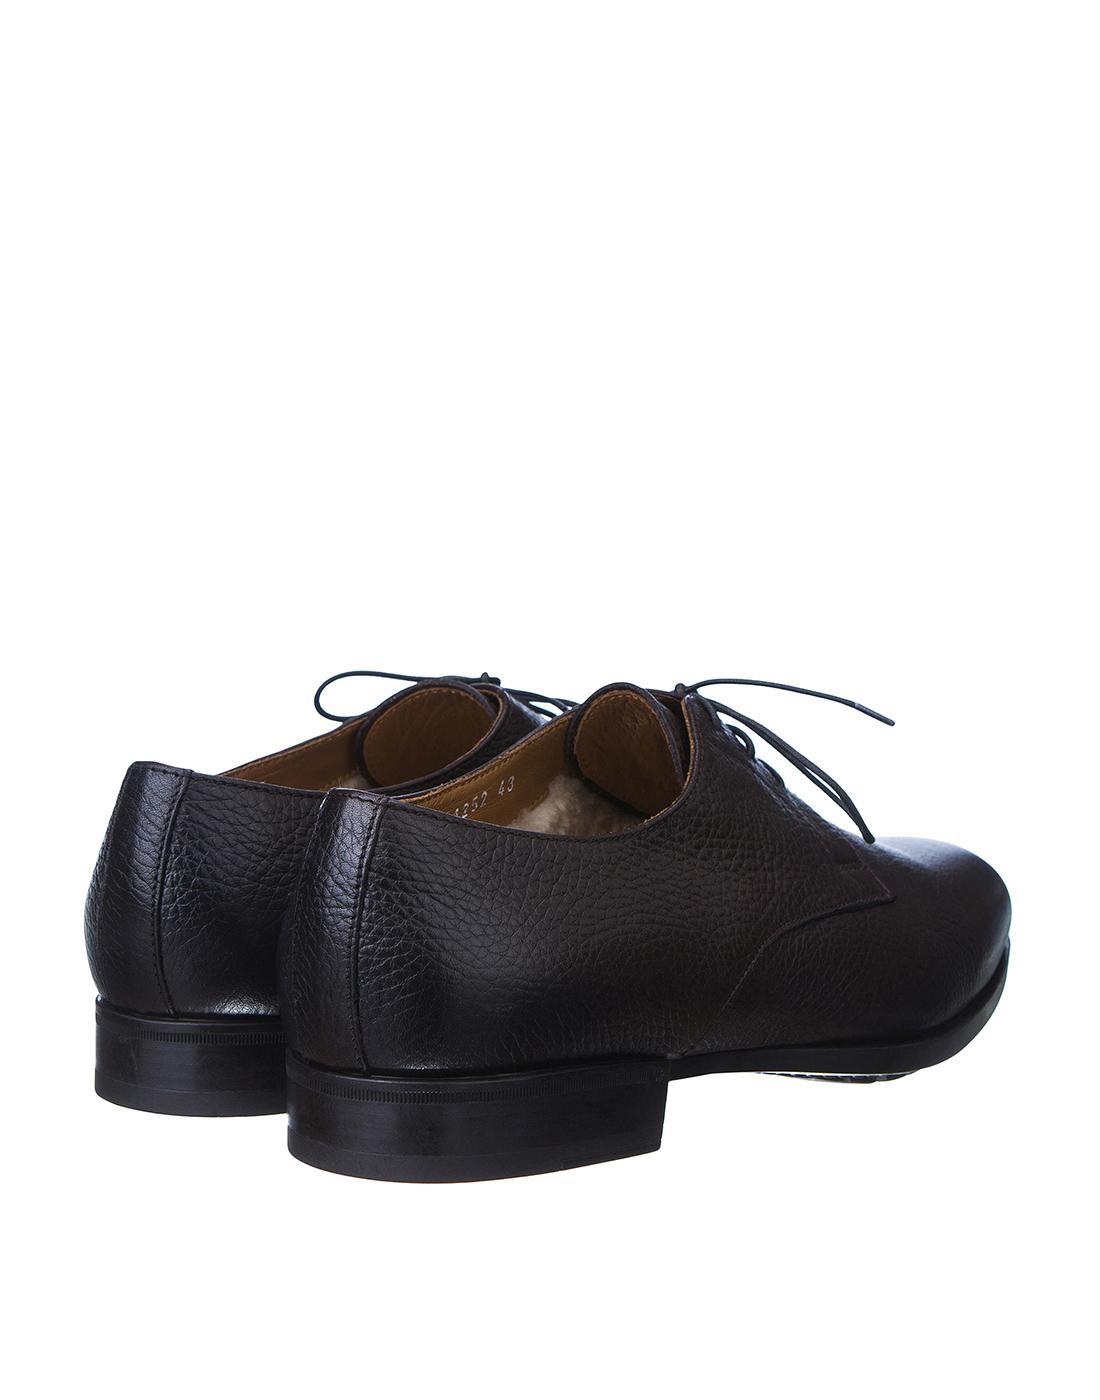 Туфли коричневые мужские Doucal's SU1252 019-3